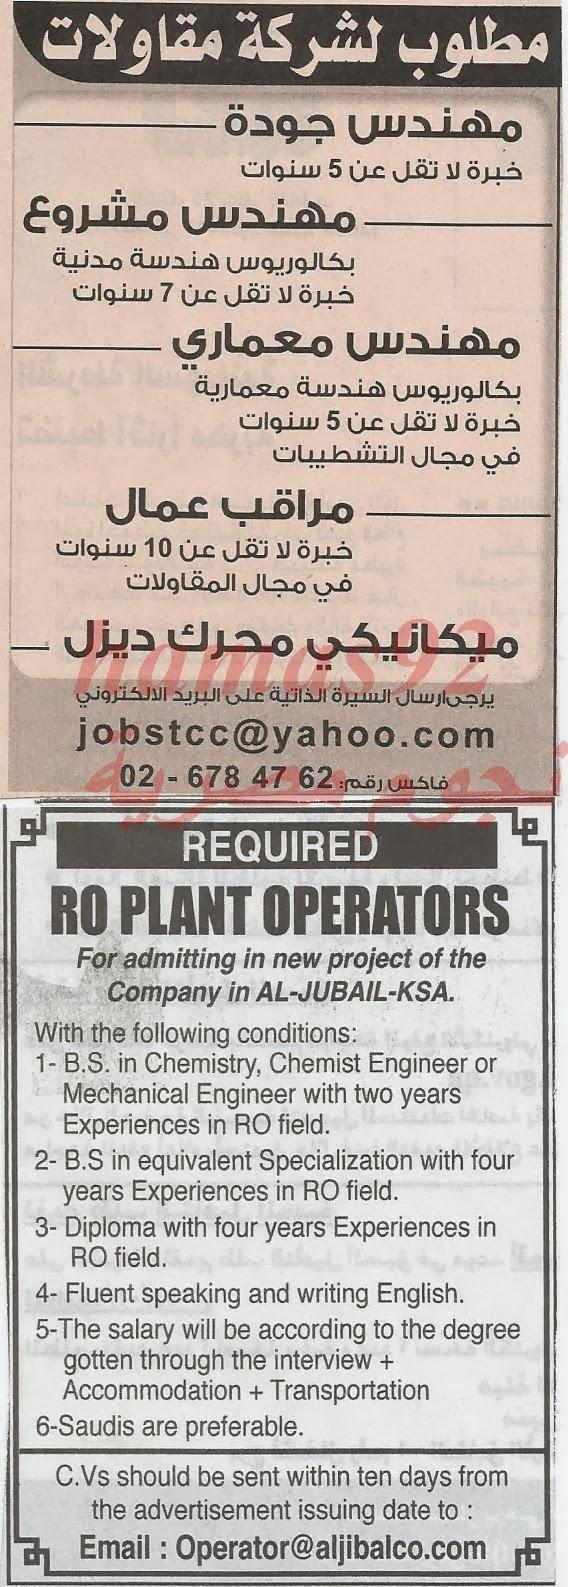 وظائف بجريدة الخليج الامارات الجمعة 03-01-2014